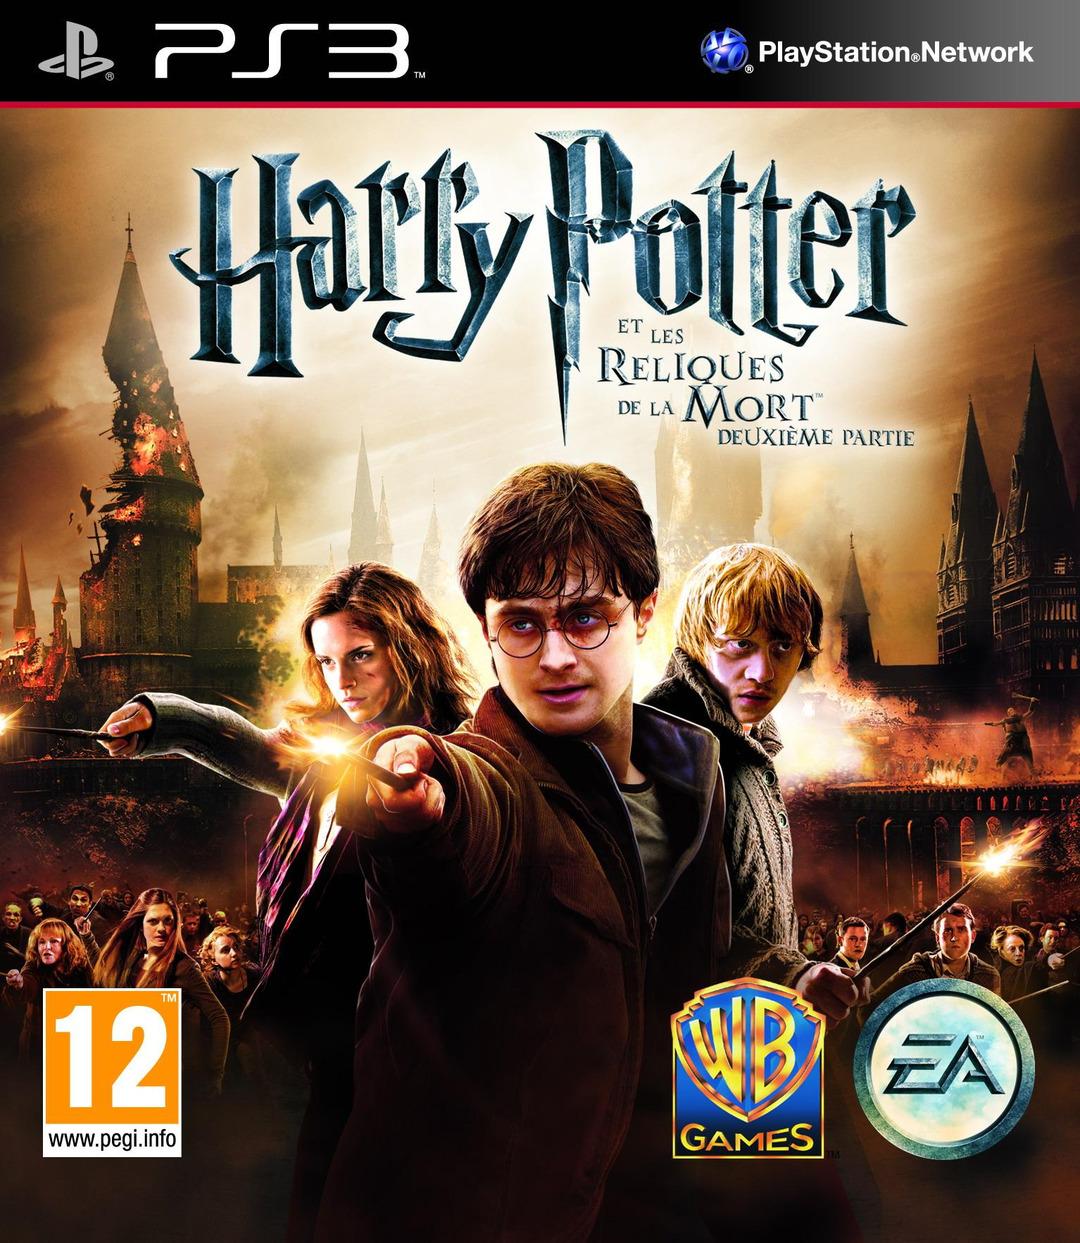 Harry Potter et les Reliques de la Mort - Deuxième Partie [PS3 (Exclue) [FS]